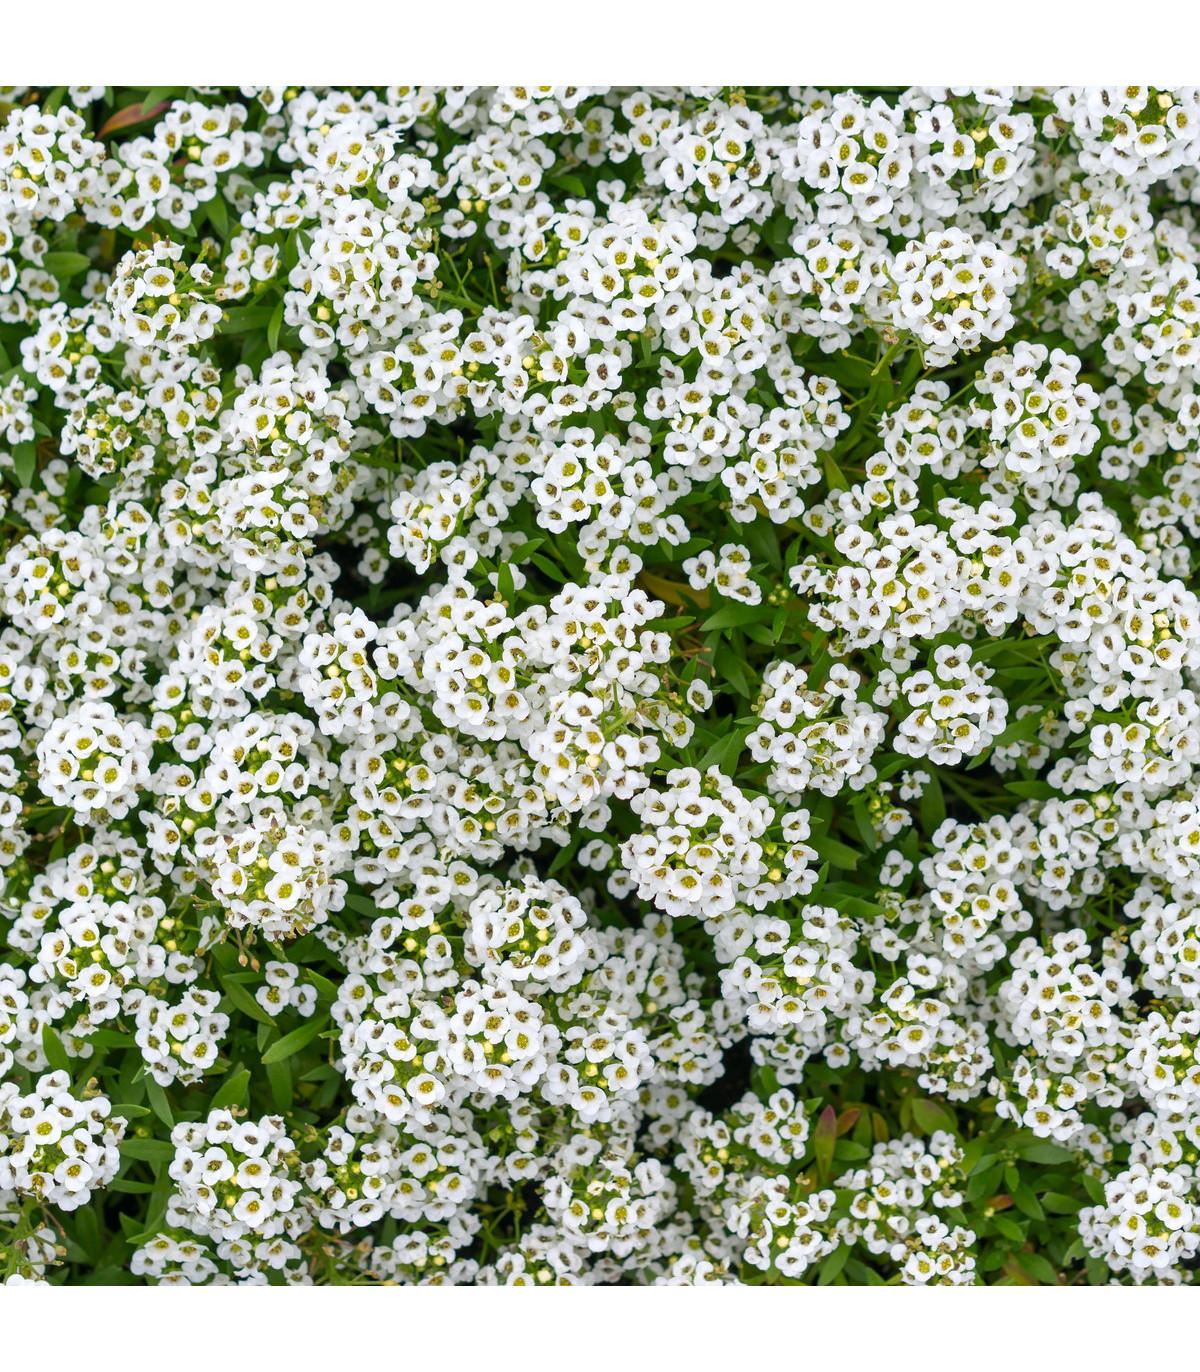 Letničky směs - Zahradní sen v bílém - semena Letniček - 0,9 gr